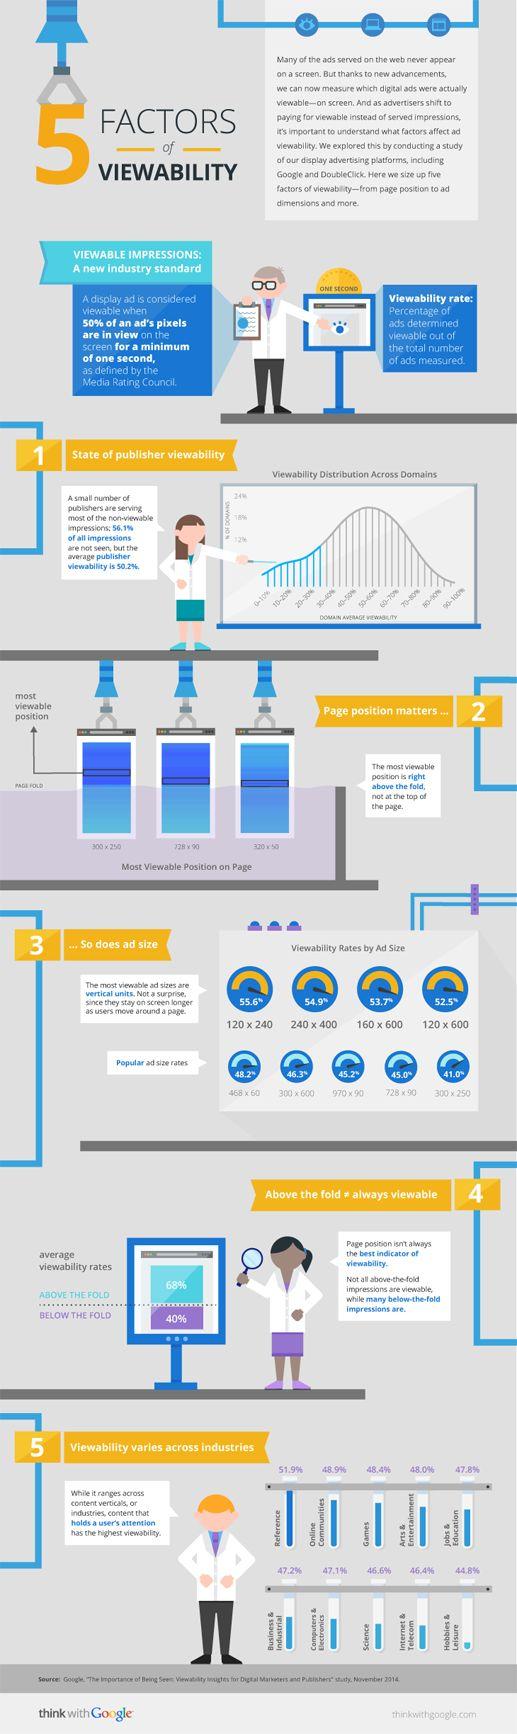 les 5 facteurs de visibilité d'une publicité display selon Google